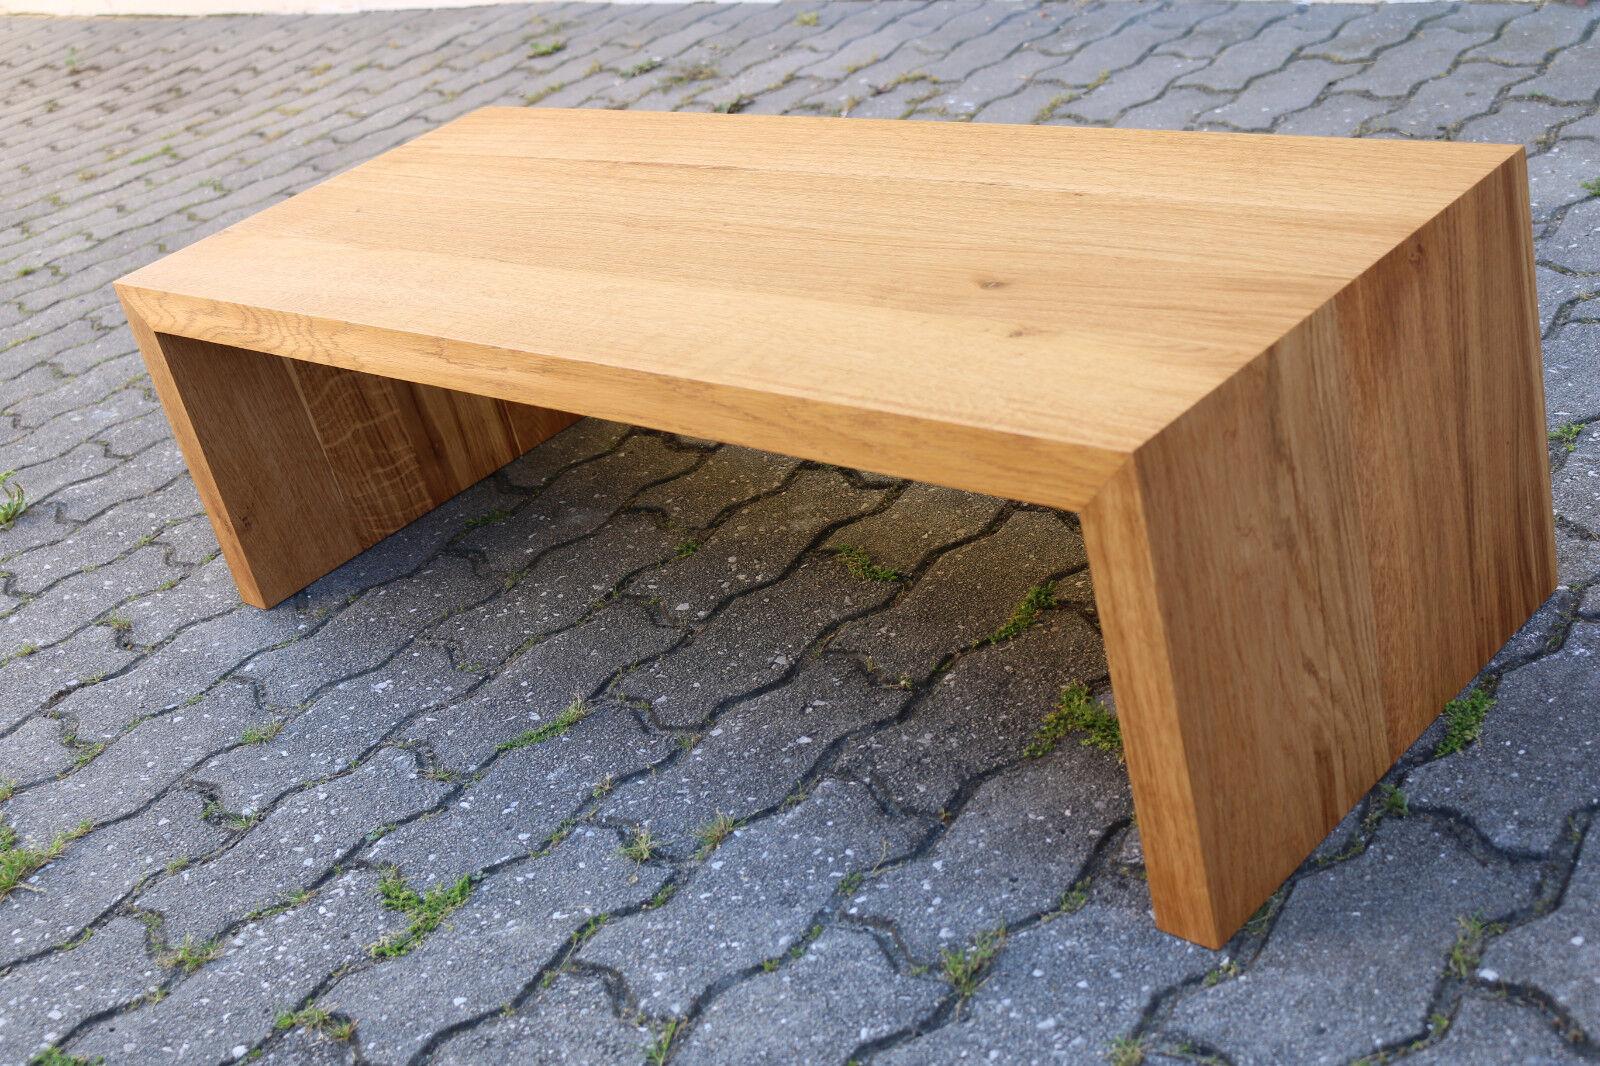 designer hocker aus eiche massiv holz sitzhocker neu stuhl sitzbank couchtisch eur 335 00. Black Bedroom Furniture Sets. Home Design Ideas